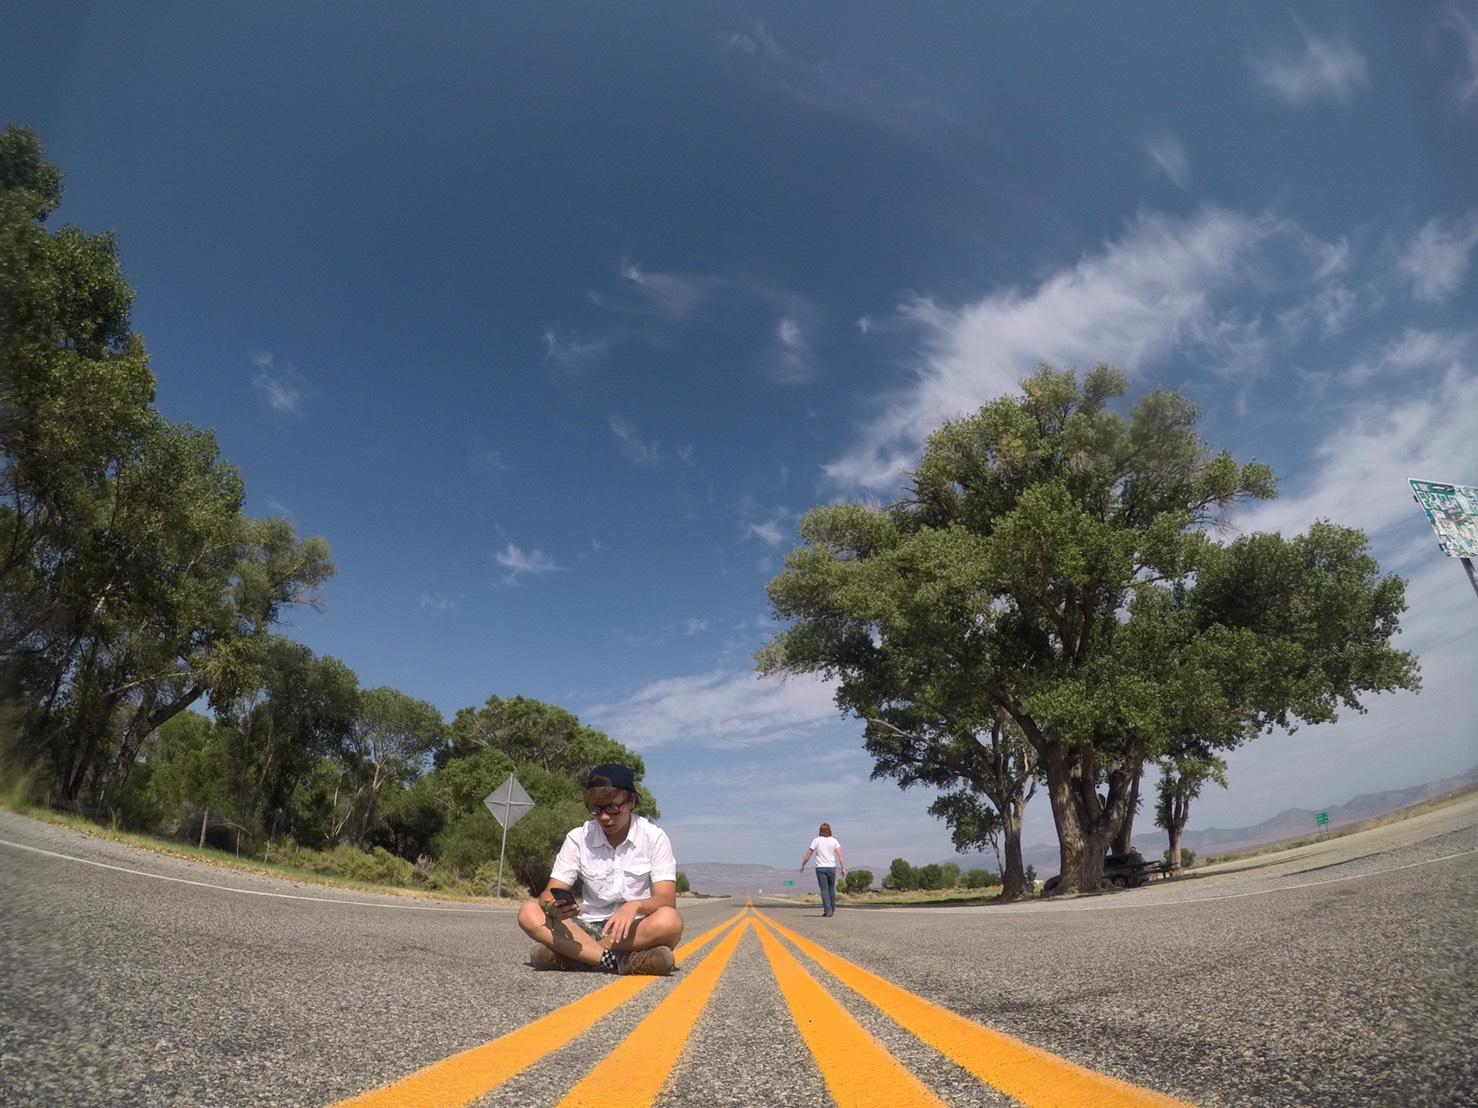 エリア51に通じる道